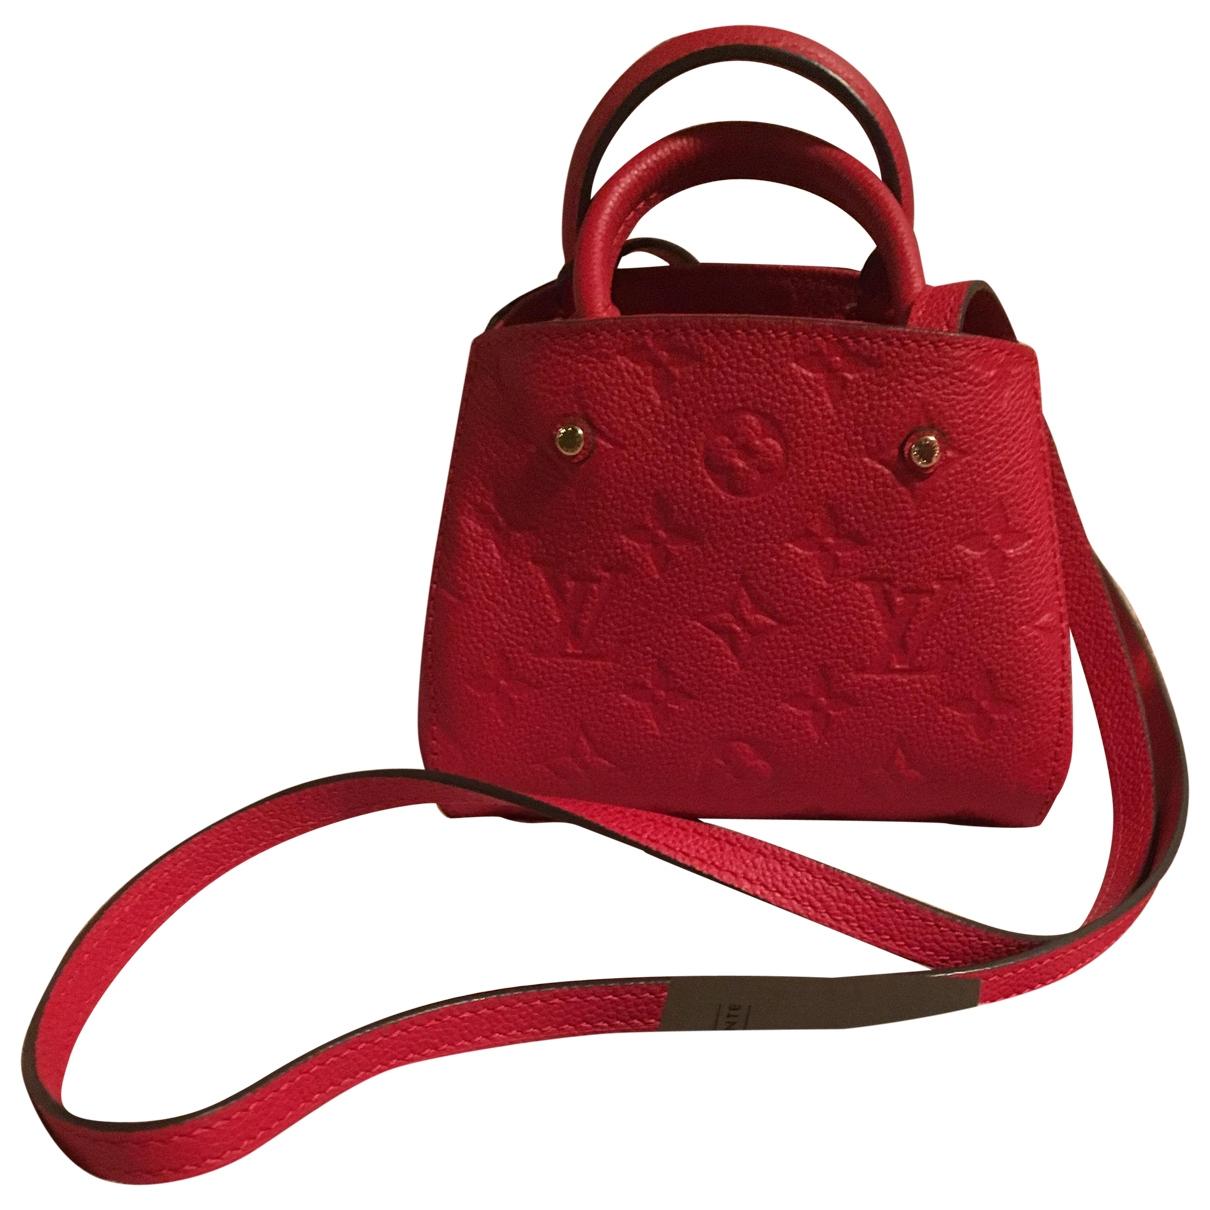 Louis Vuitton Montaigne Handtasche in  Rot Leder